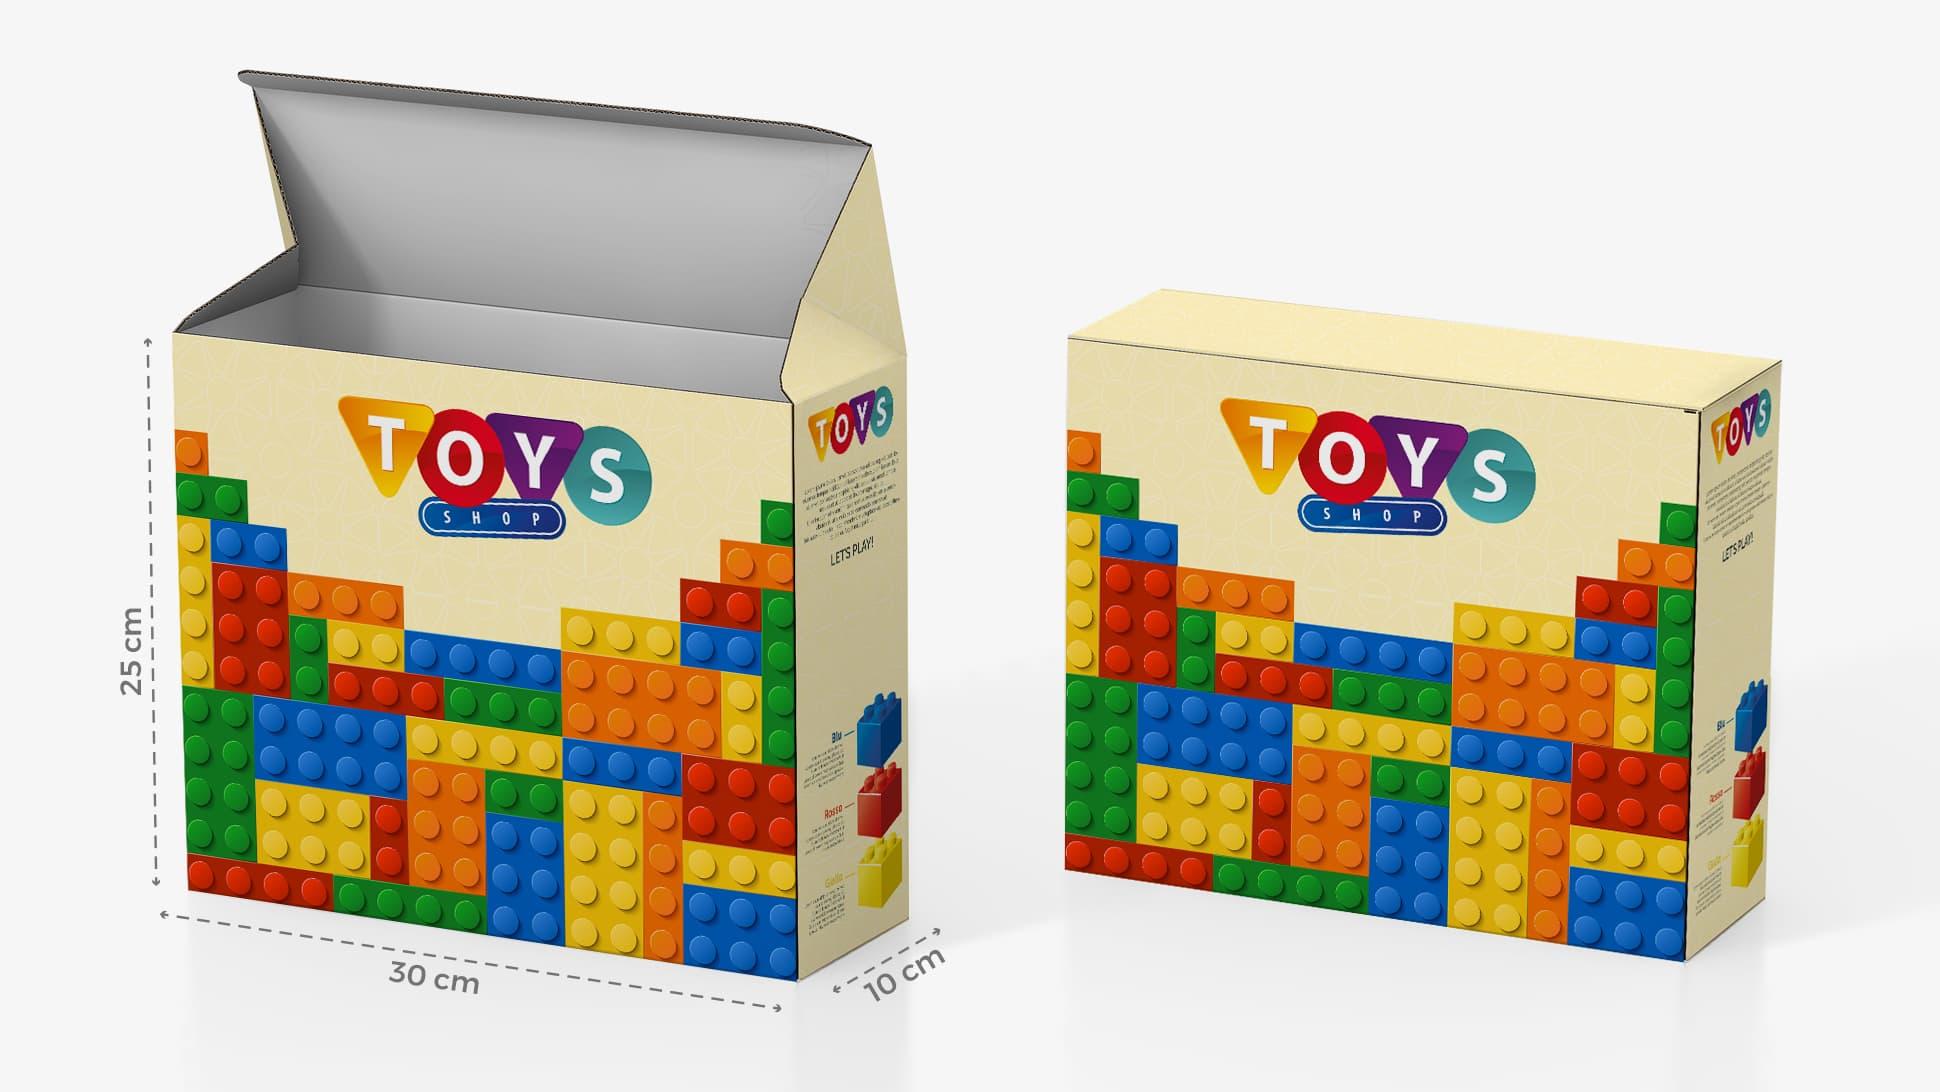 Scatola in cartone 30x25 cm con grafica giochi | tictac.it